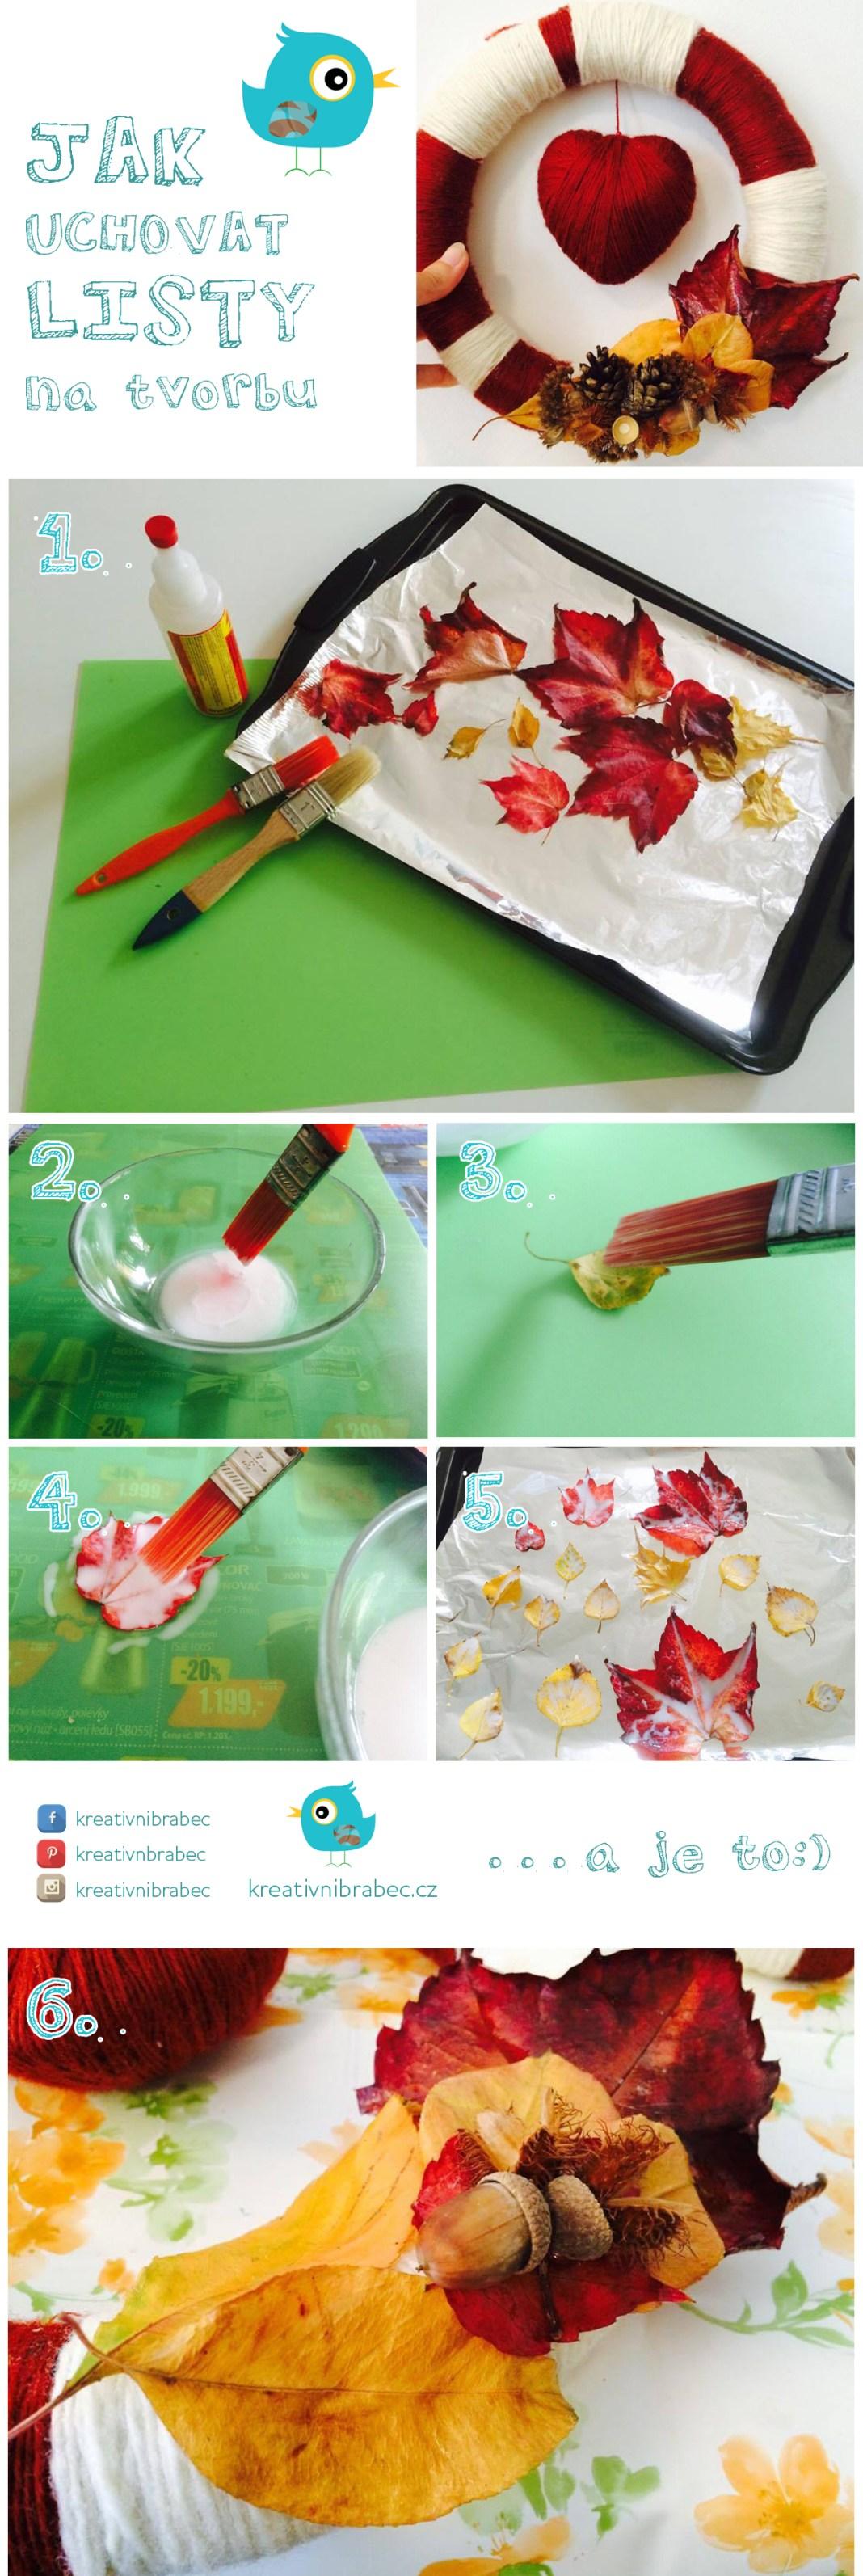 Návod, jak uchovat listy na tvorbu